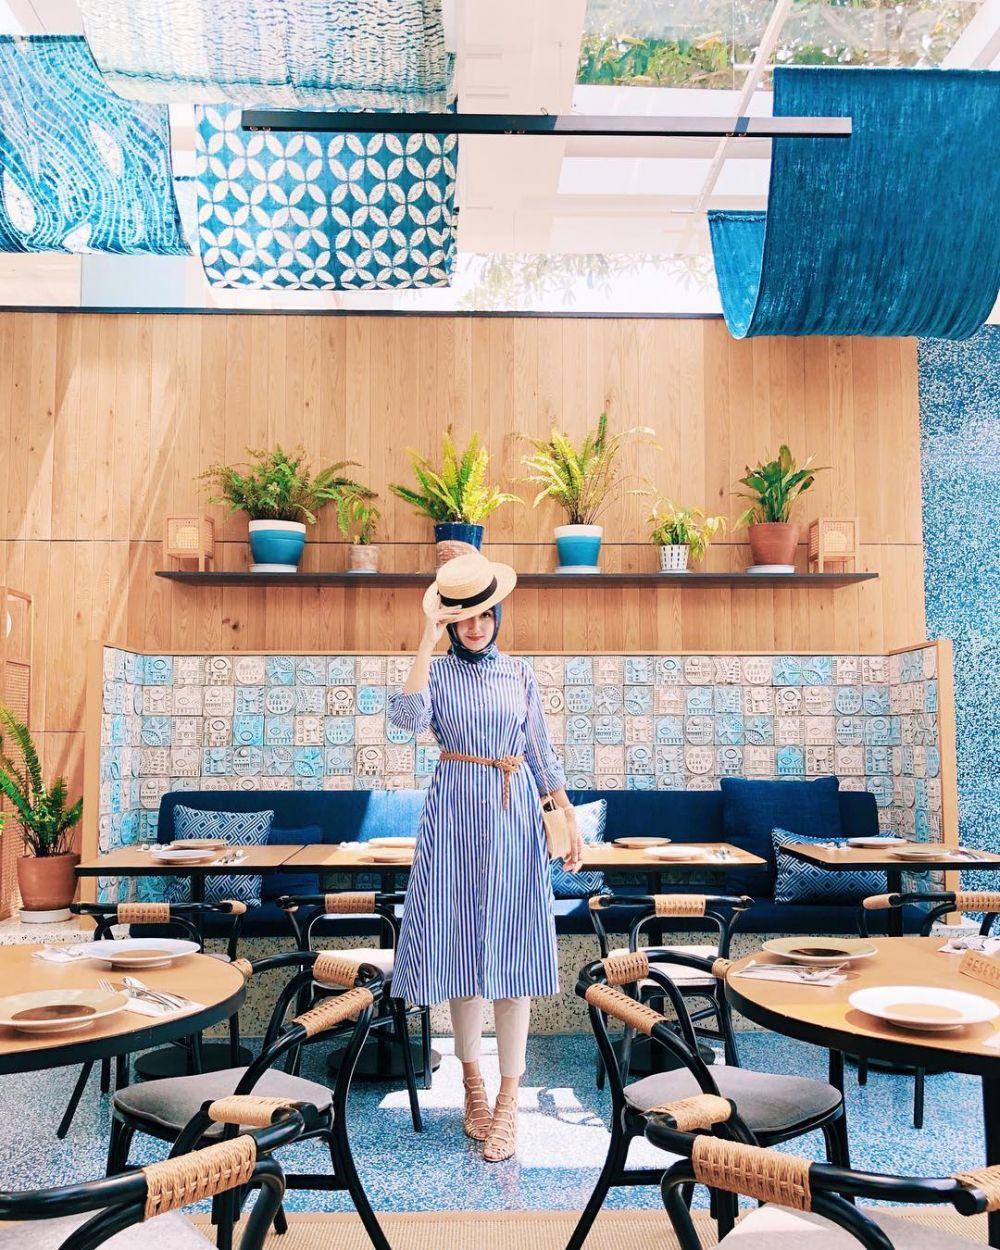 outfit dian pelangi © 2019 brilio.net